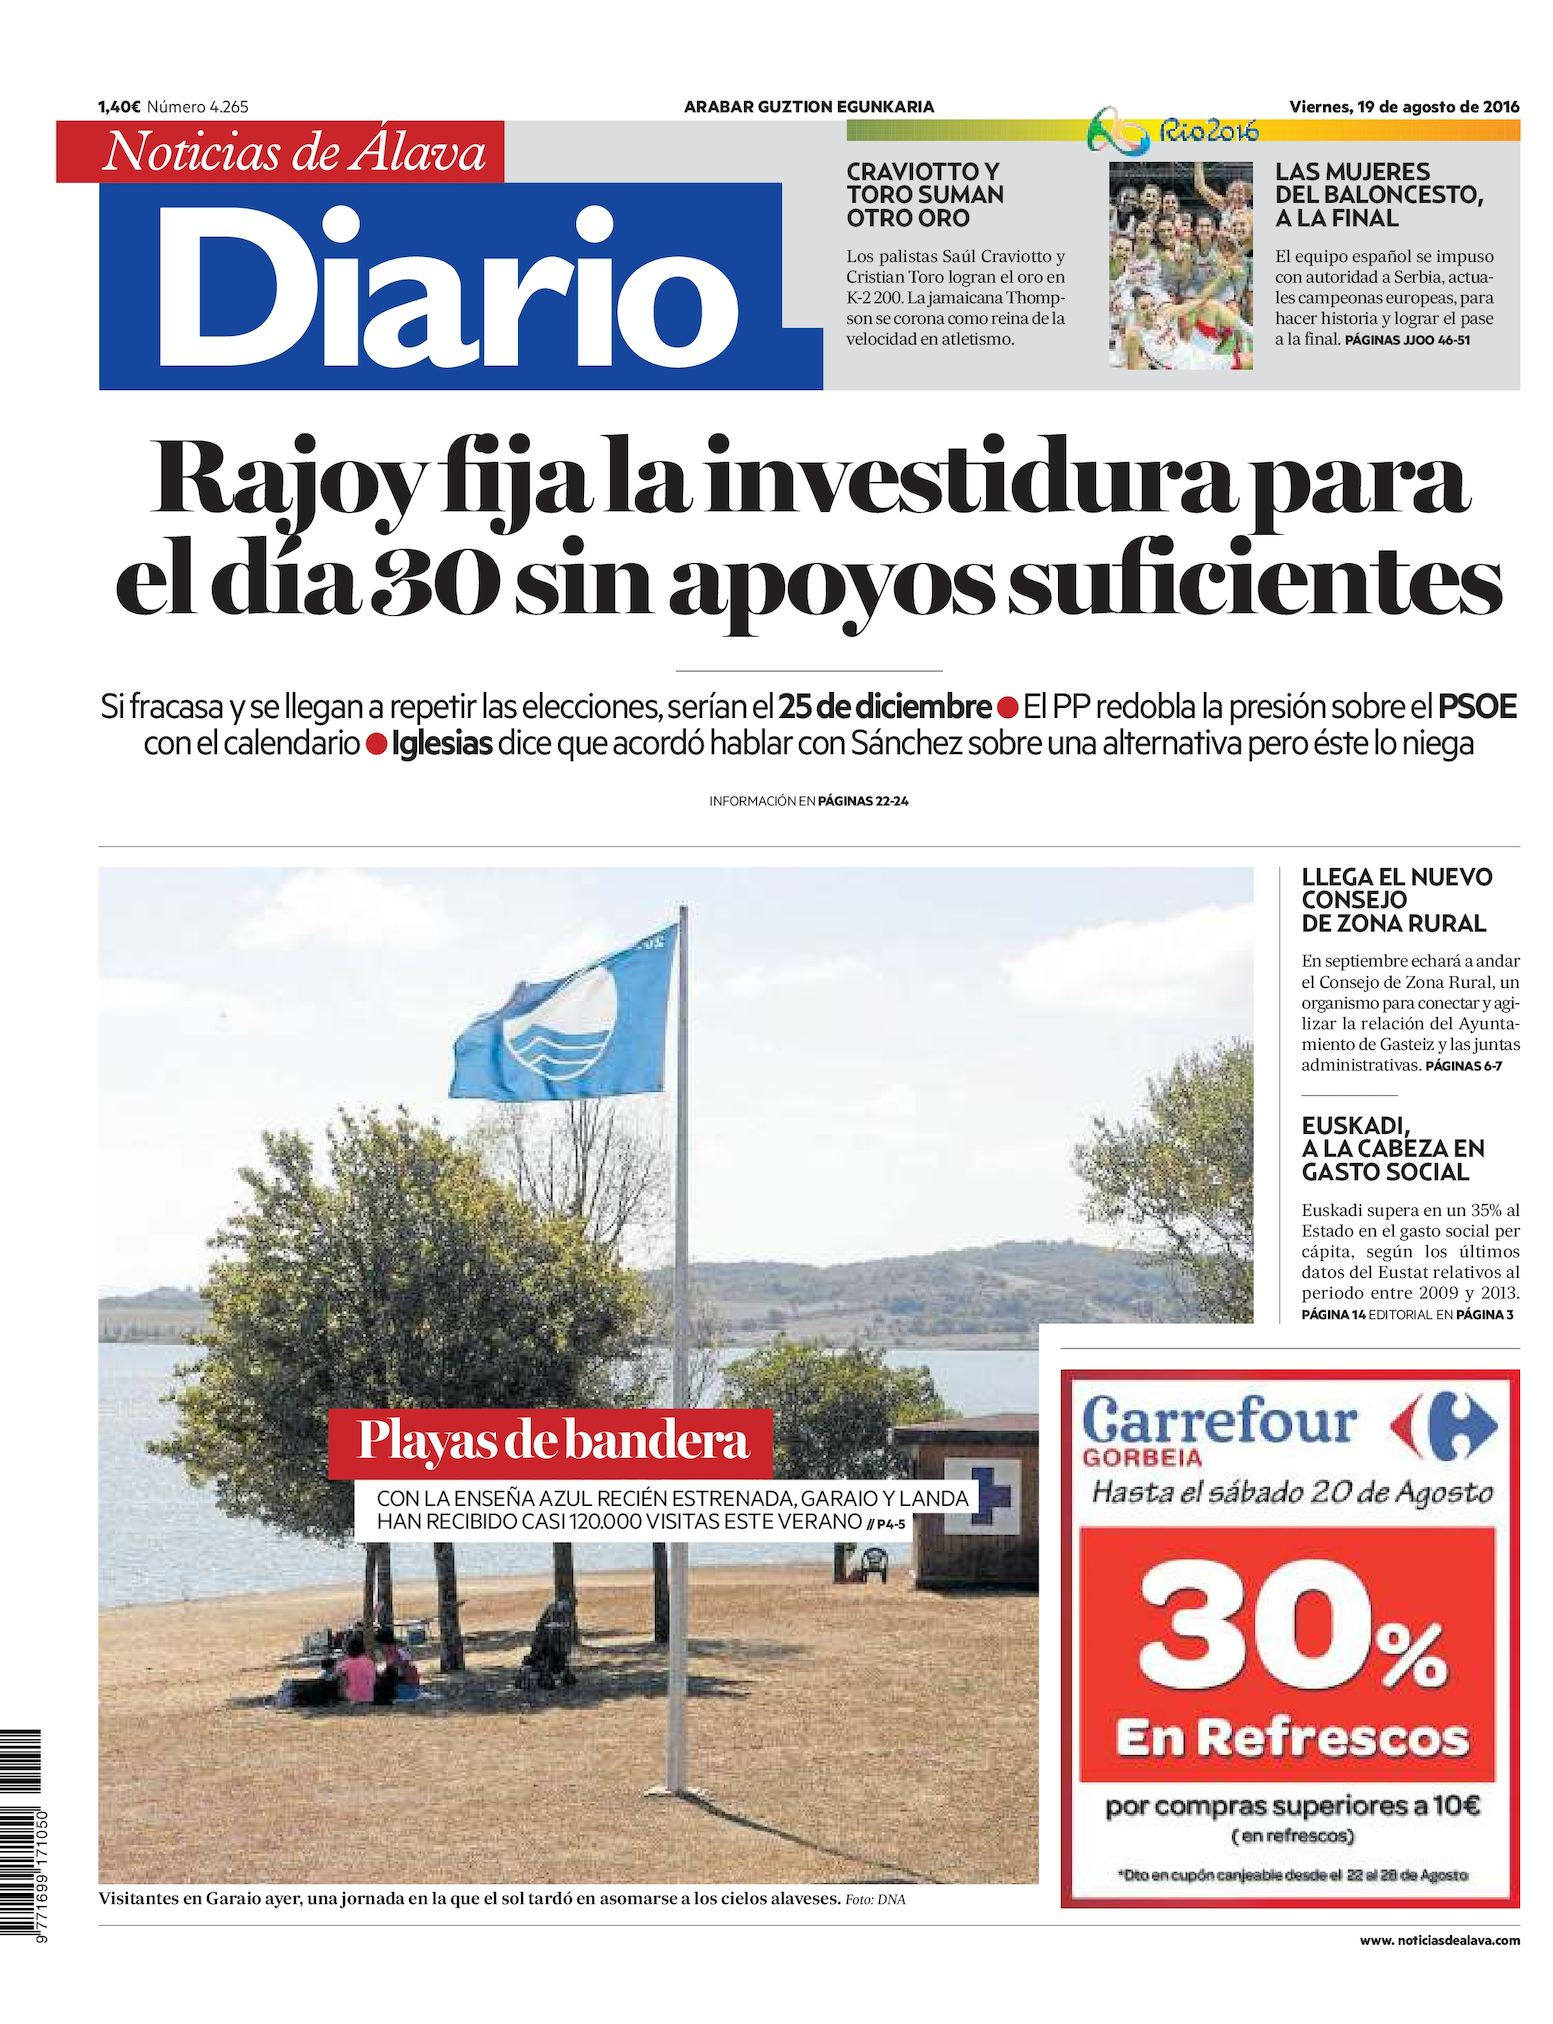 fc300212f8 Calaméo - Diario de Noticias de Álava 20160819